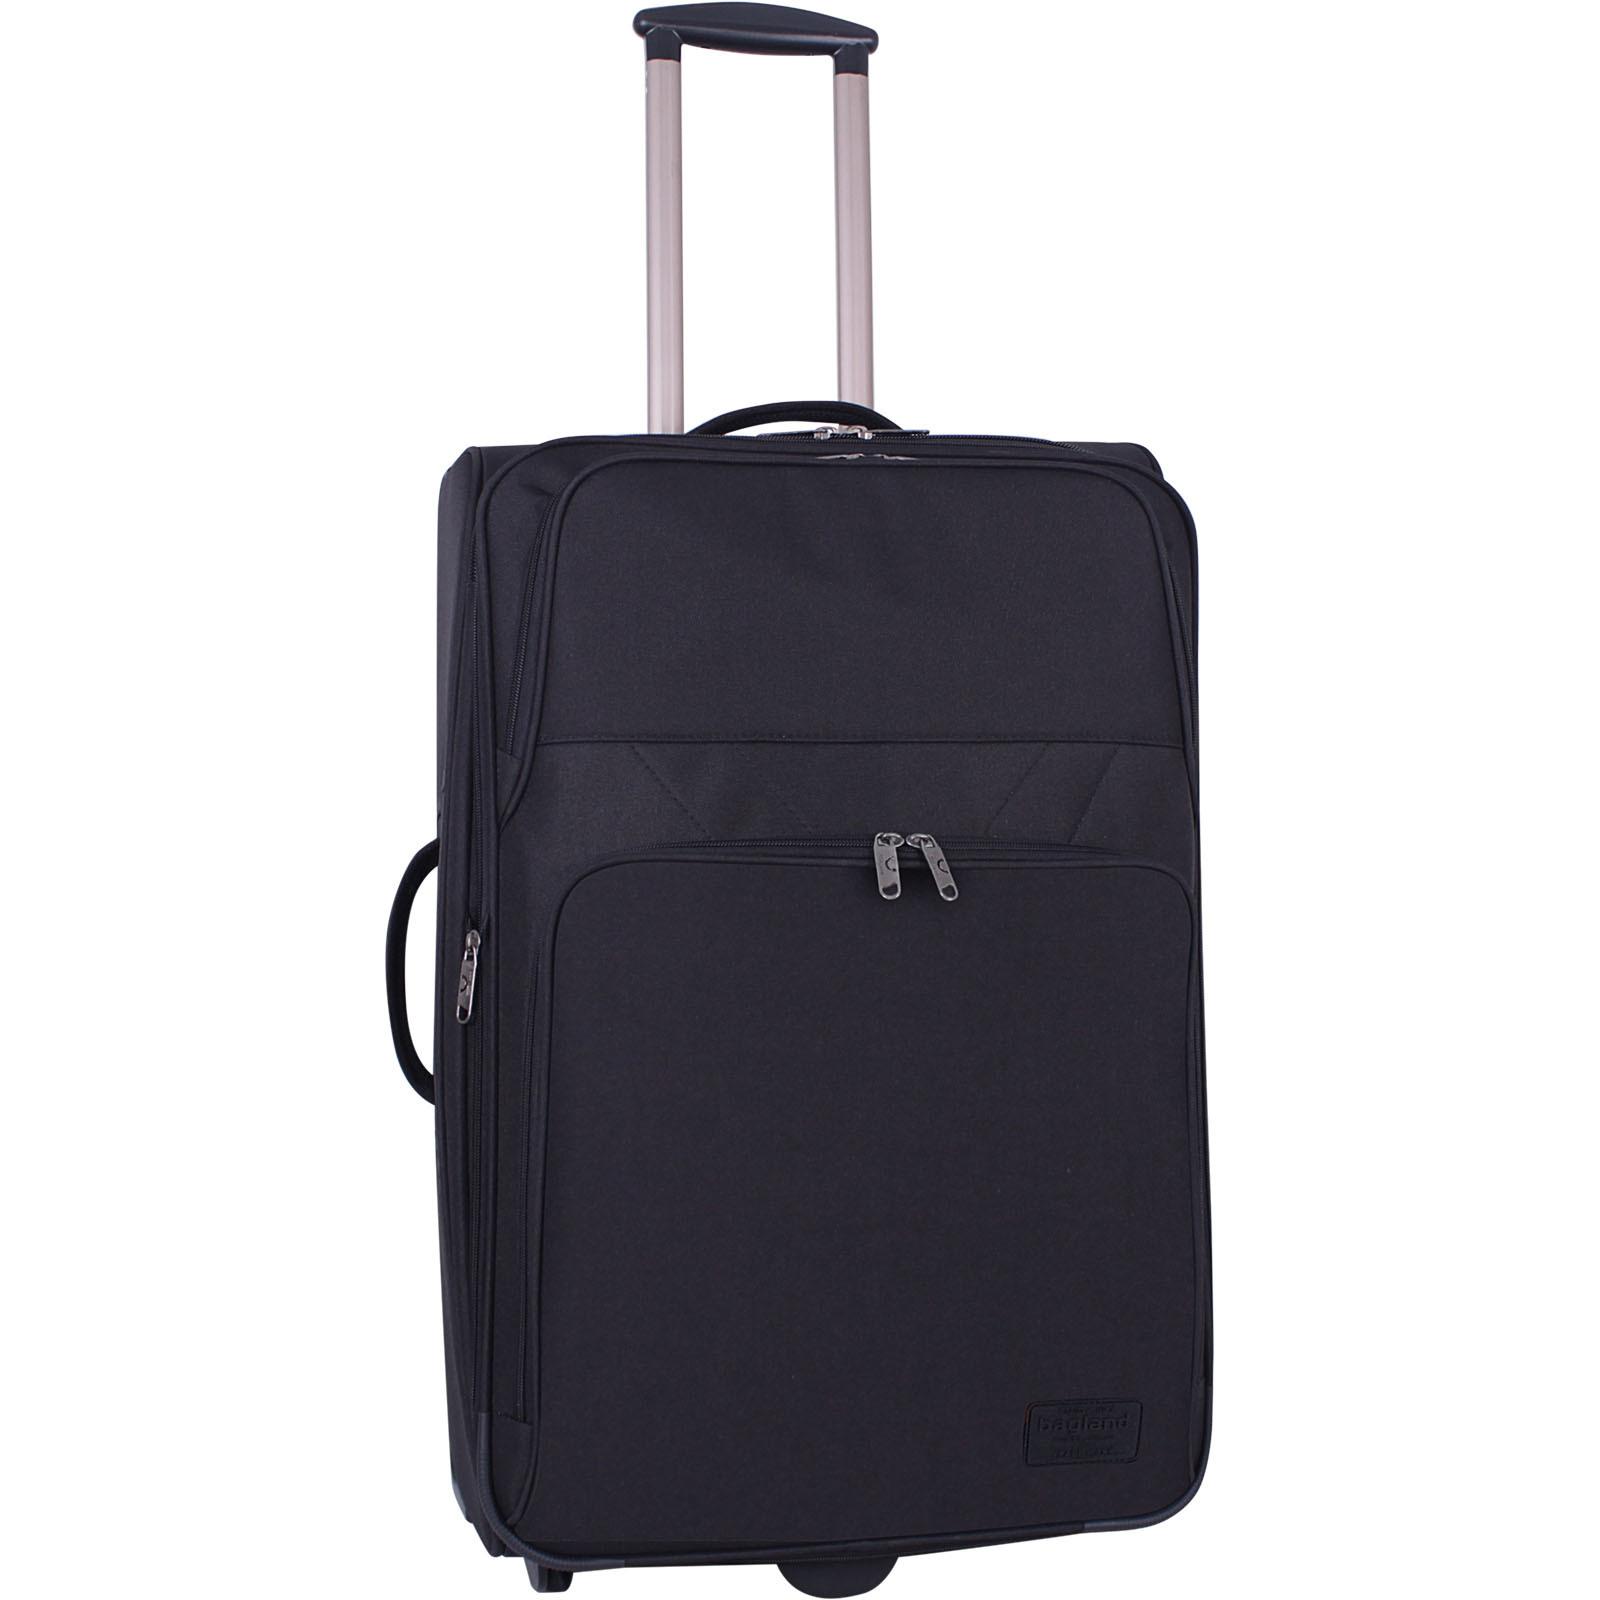 Дорожные чемоданы Чемодан Bagland Леон большой 70 л. Чёрный (003766627) IMG_8763-16000.jpg